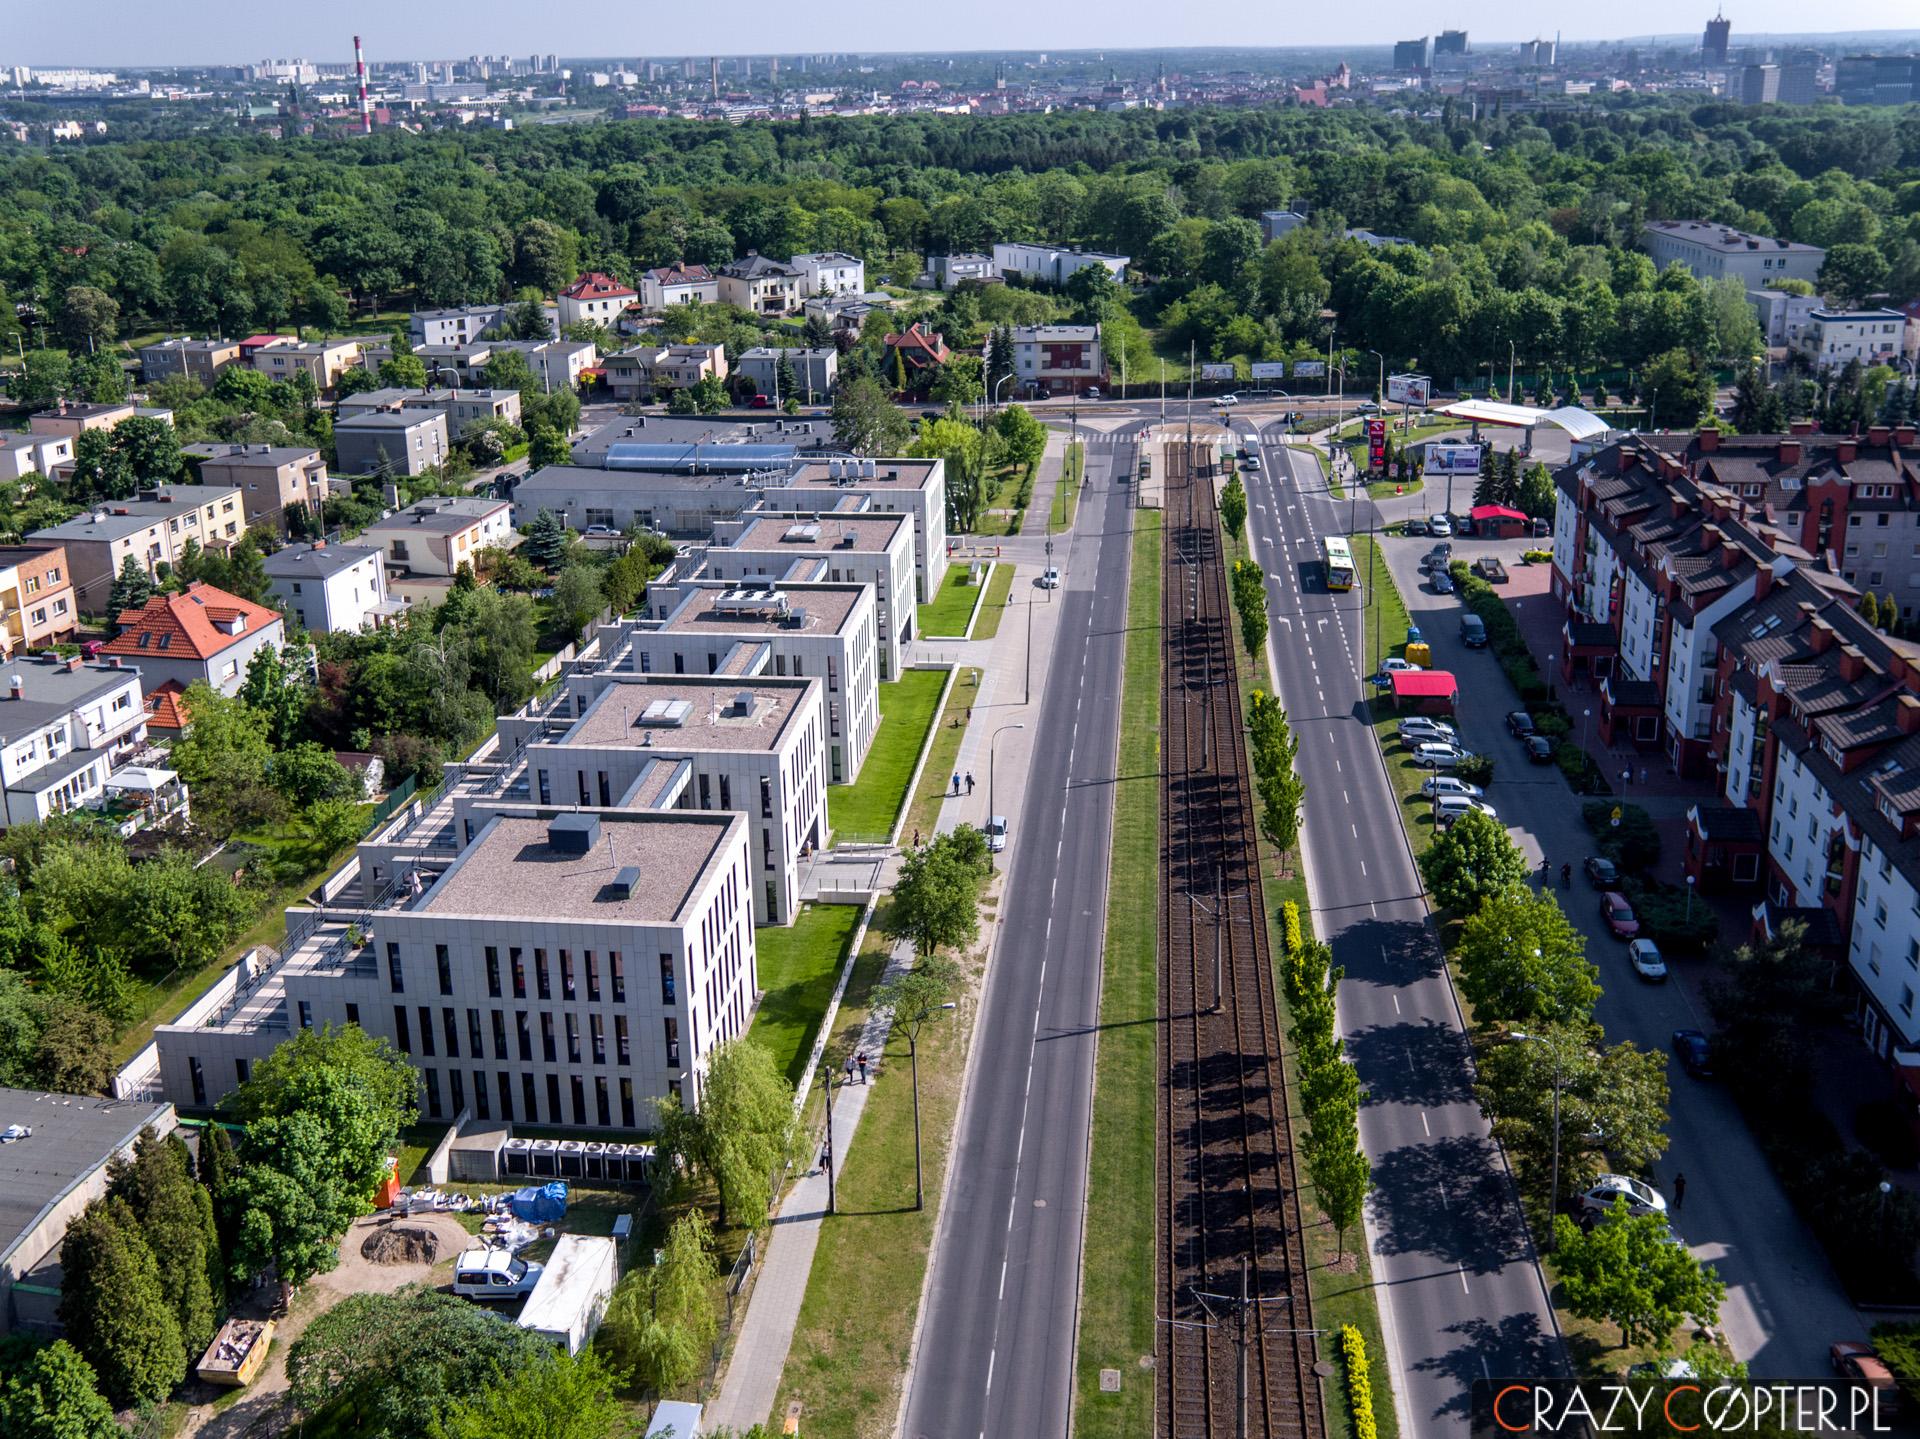 Zdjęcia nieruchomości zdrona pokazują nietylkobudynek, aleiatrakcyjne otoczenie. Tutaj linia tramwajowa wraz zprzystankiem autobusowym orazzielenią wpostaci parku miejskiego.